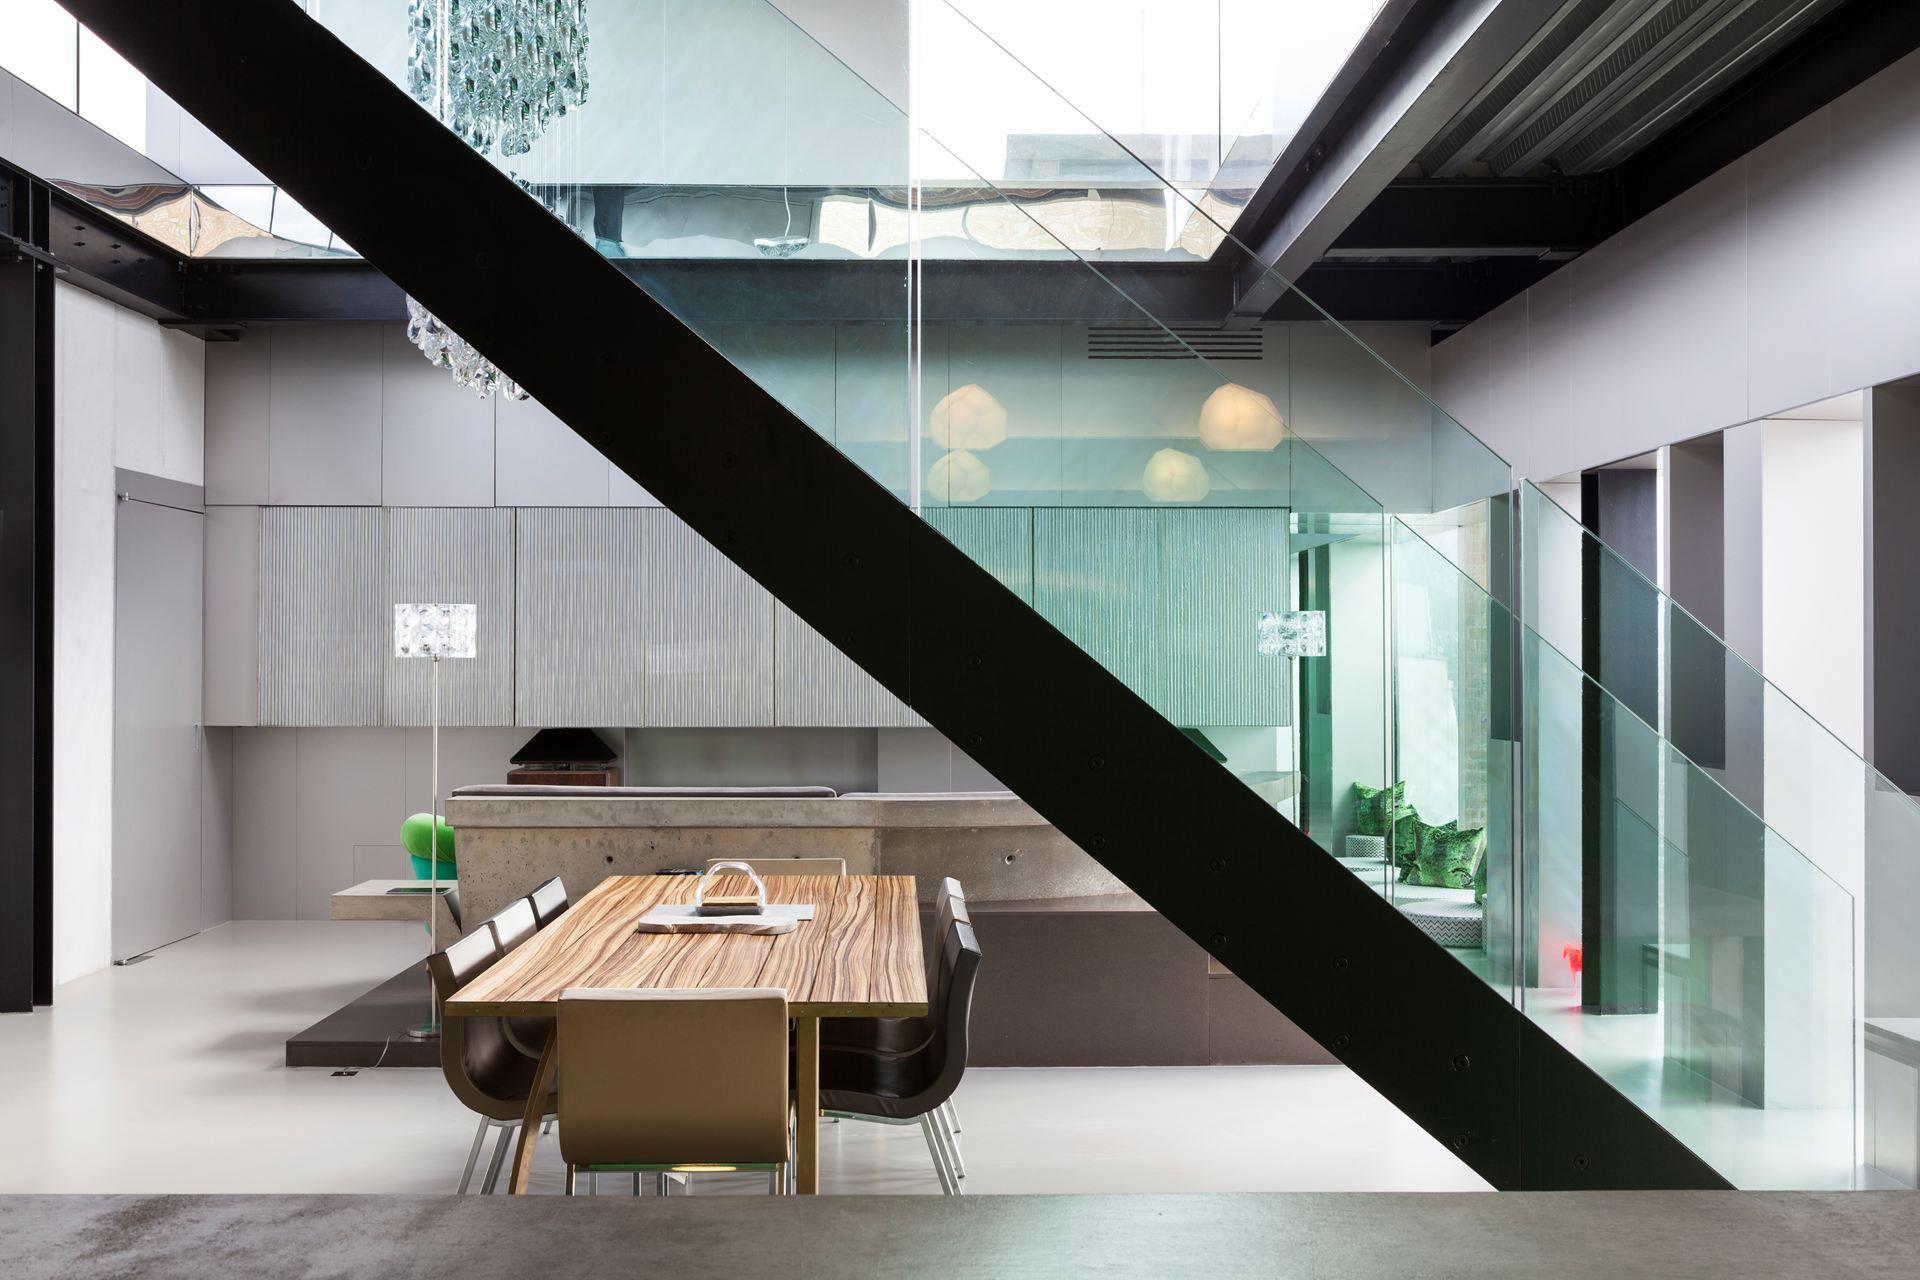 Silverlight Home in West London by Adjaye Associates-09